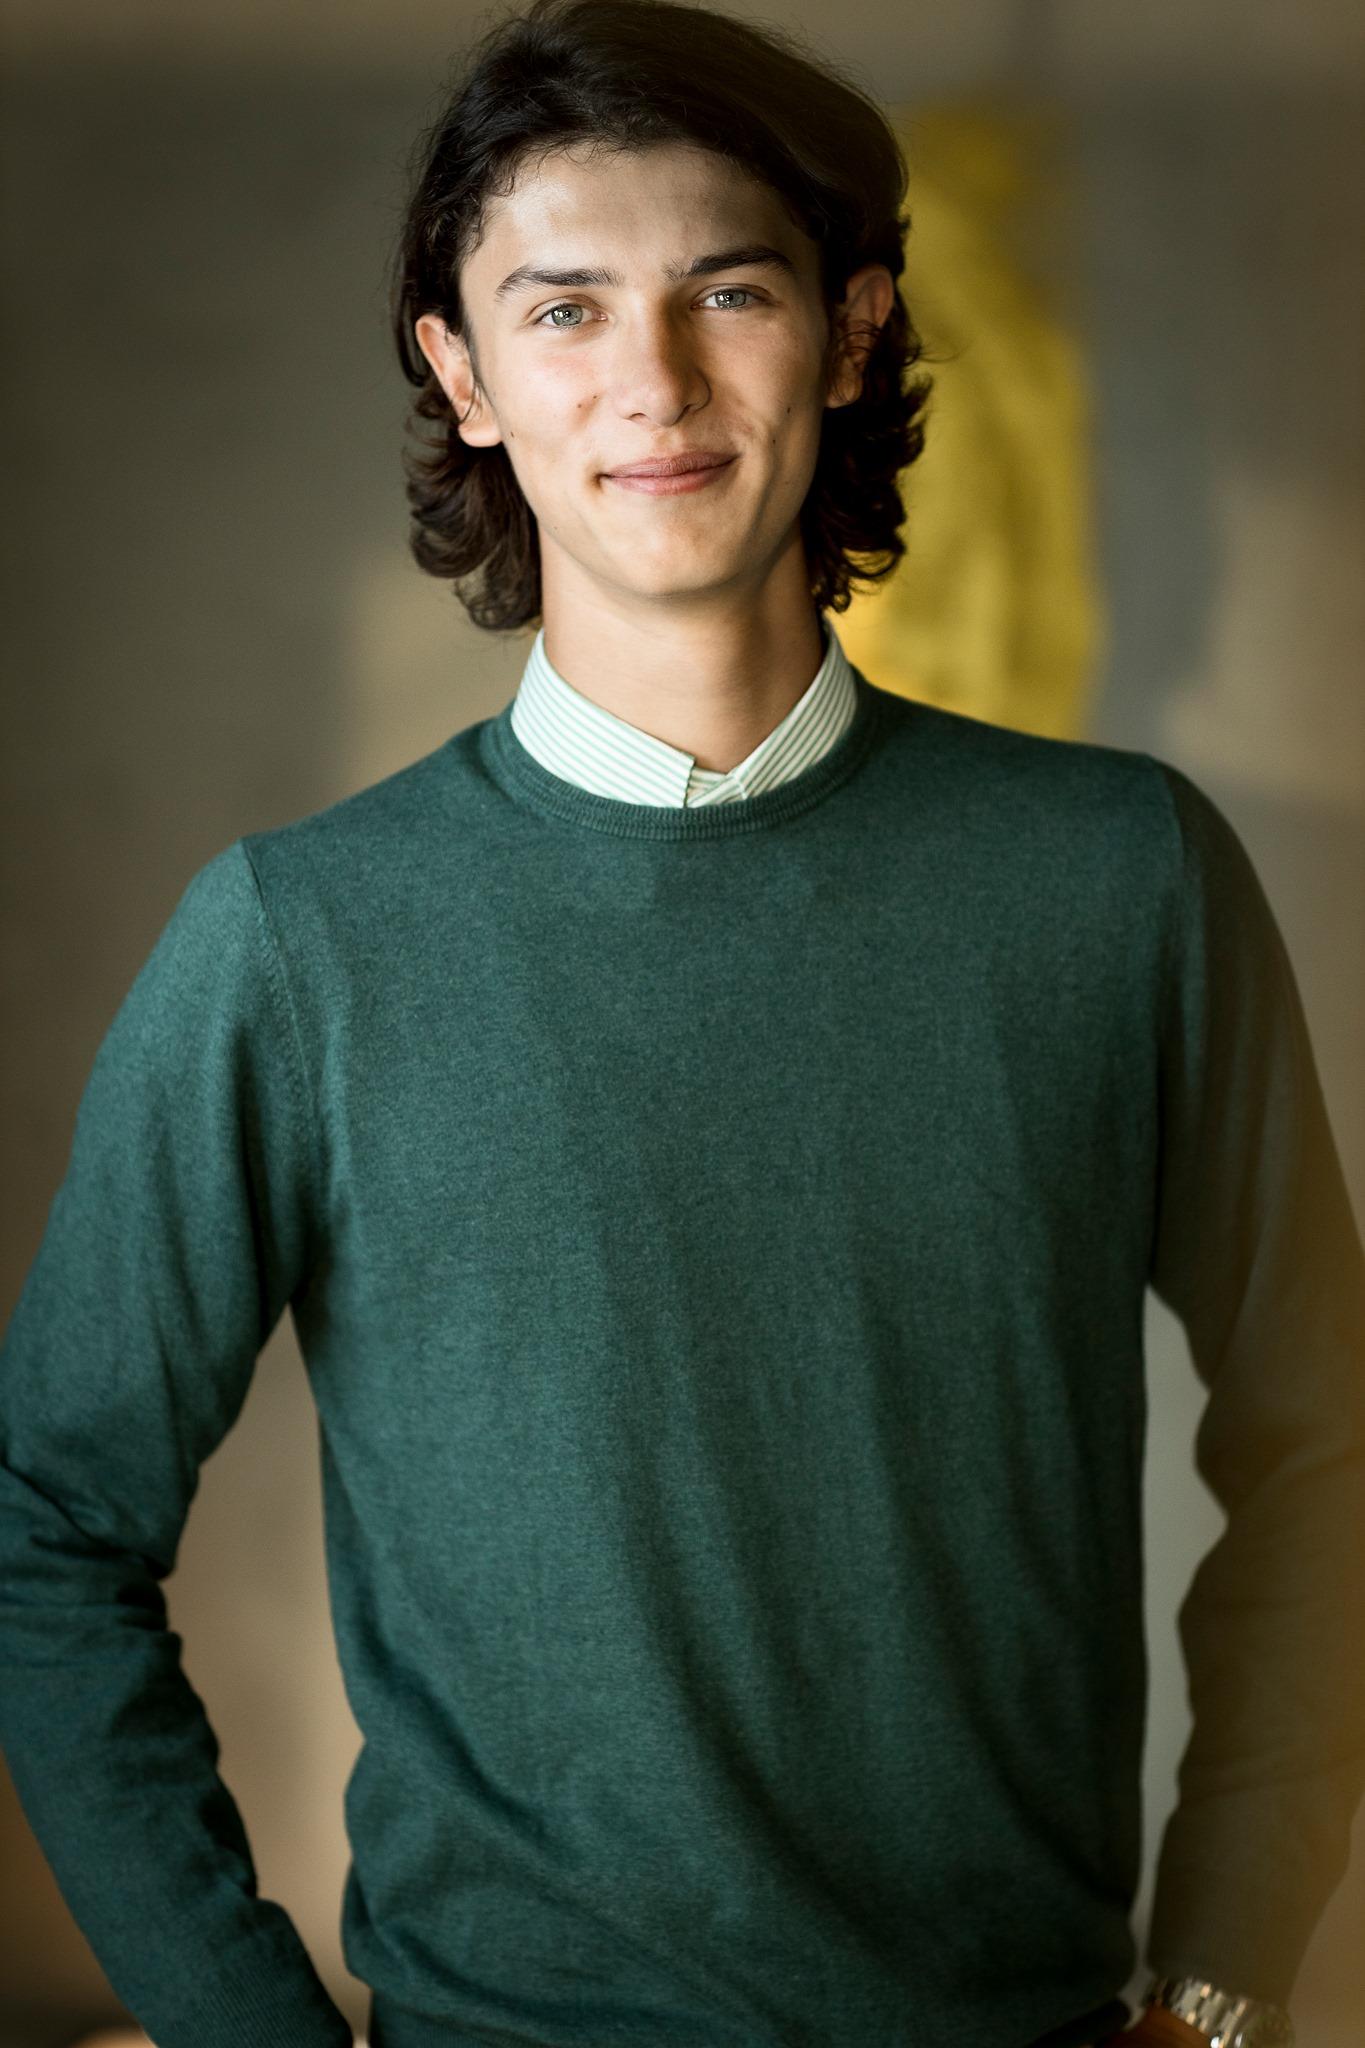 Zu seinem 20. Geburtstag veröffentlichte der Palast dieses neue Porträt des Dänen.  © Steen Brogaard, Det danske kongehus?